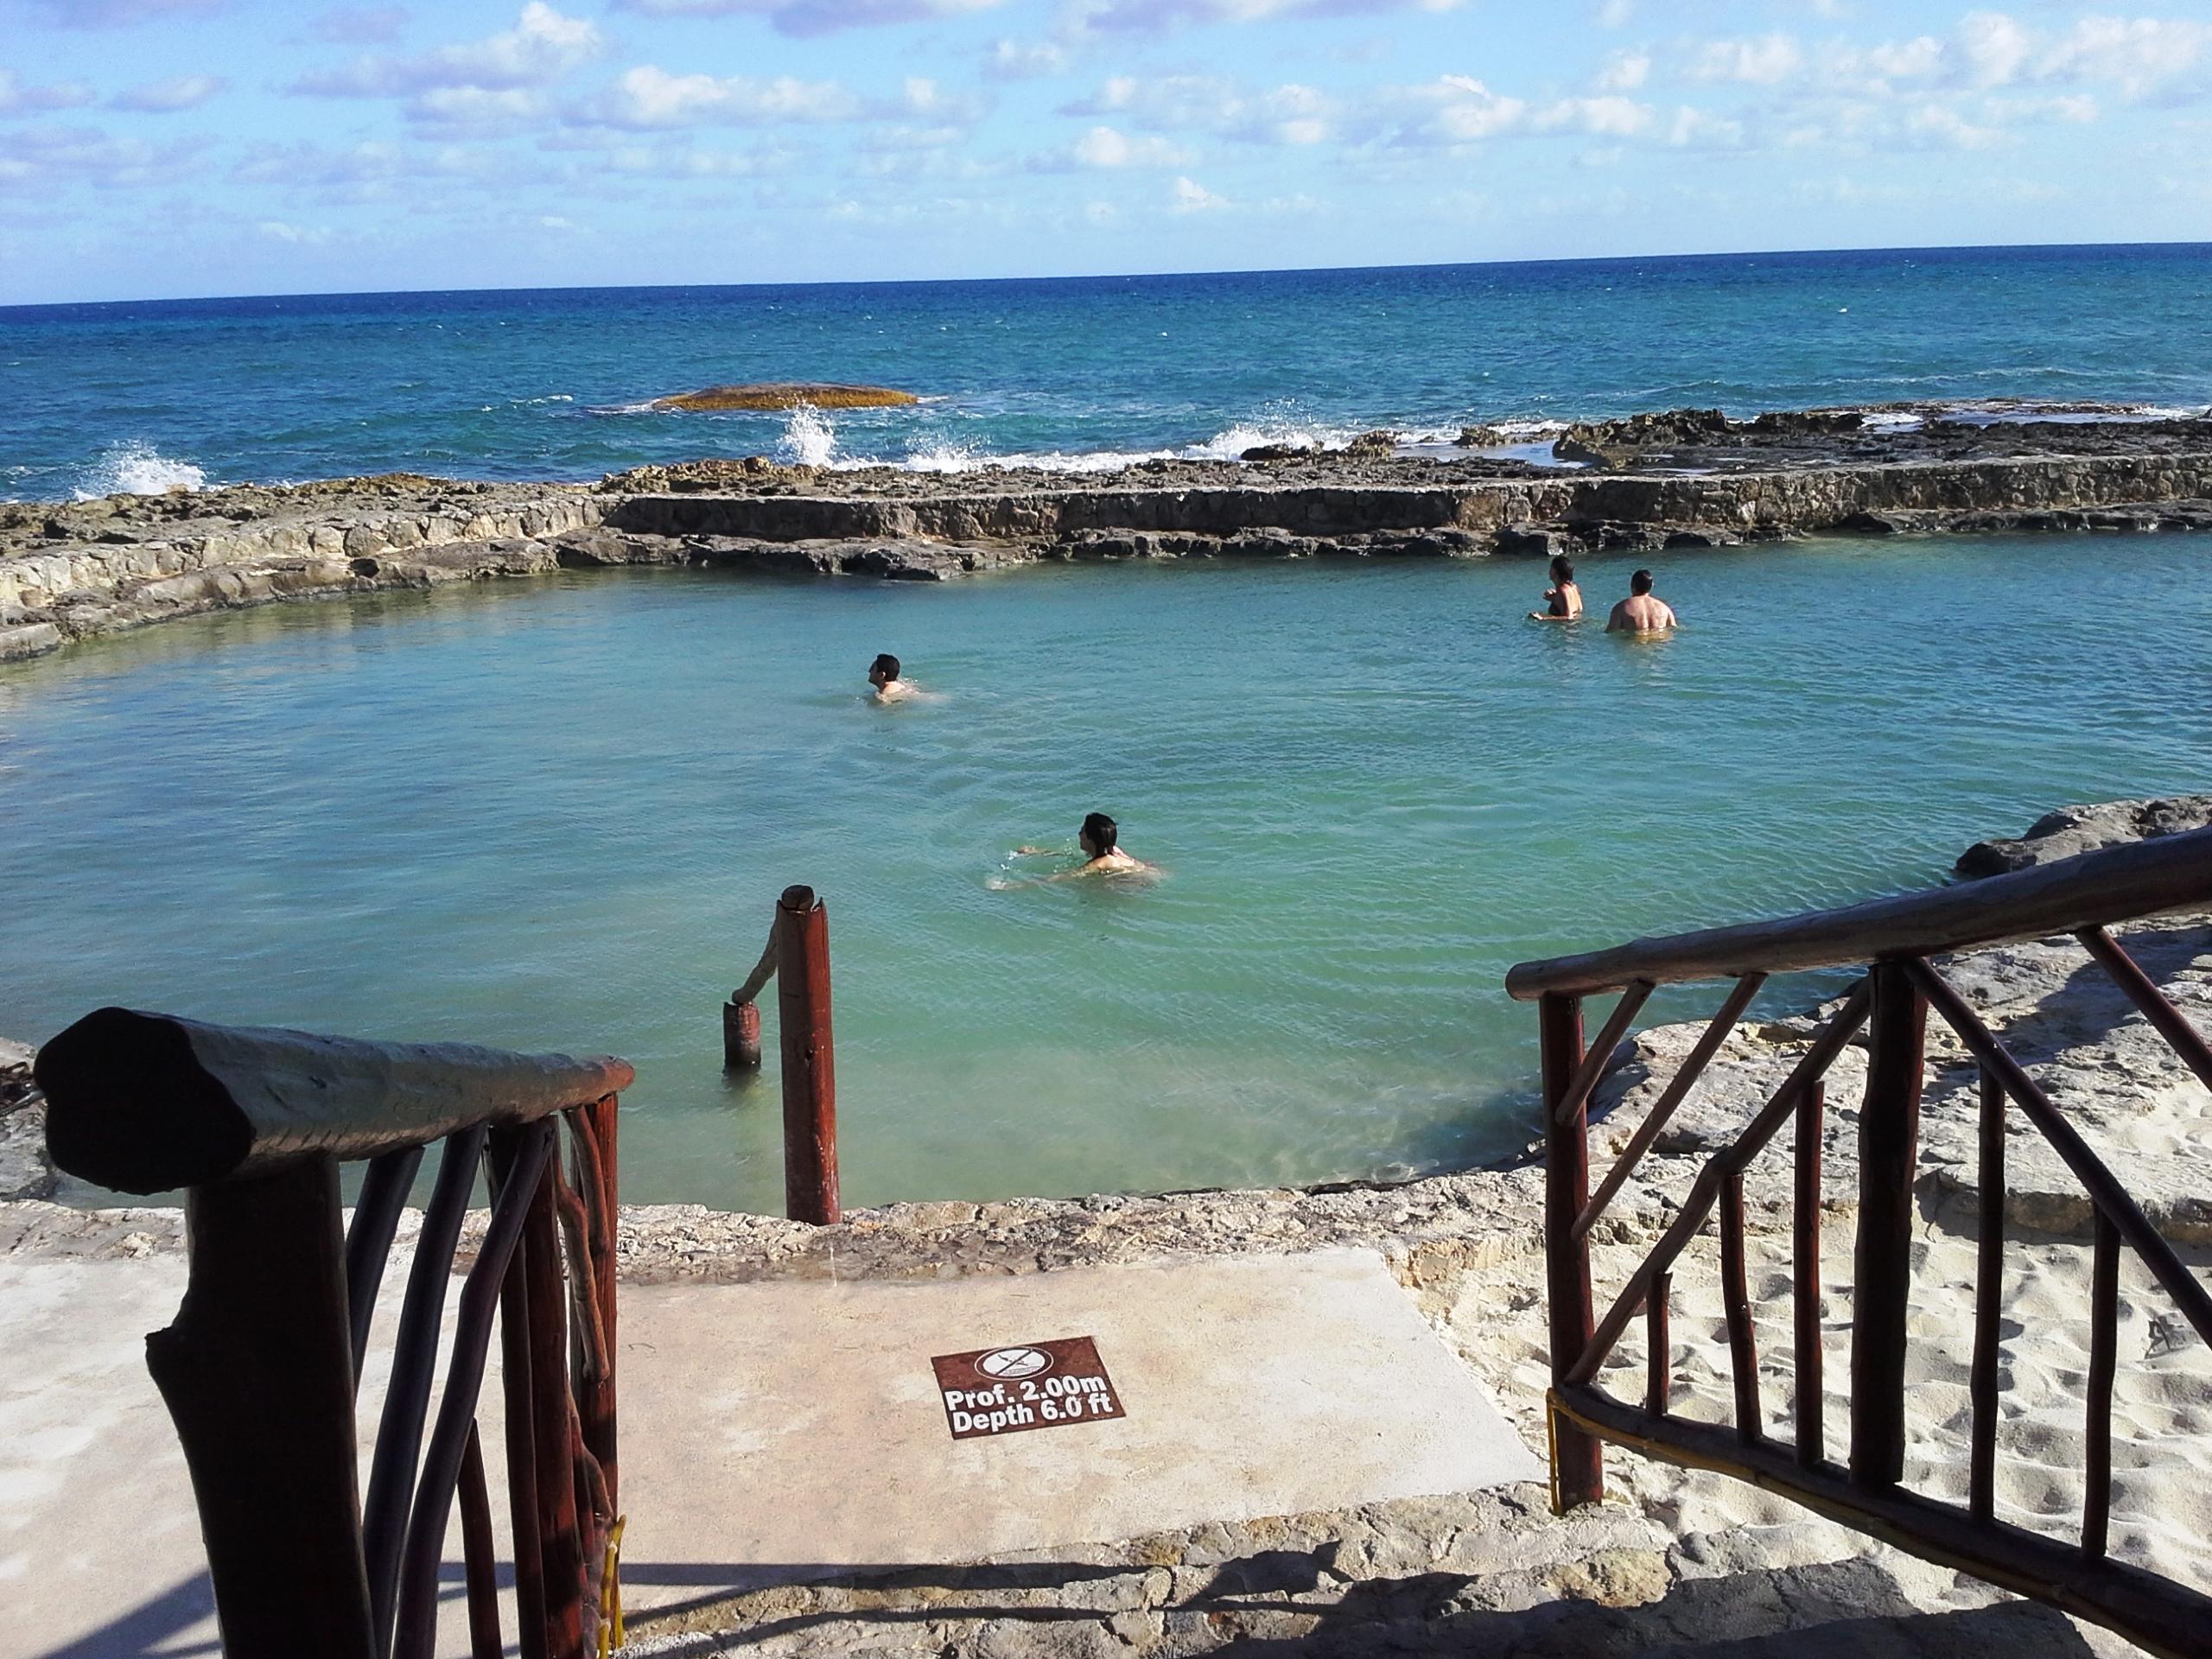 El Dorado Casitas Royale Riviera Maya Mexico Dream